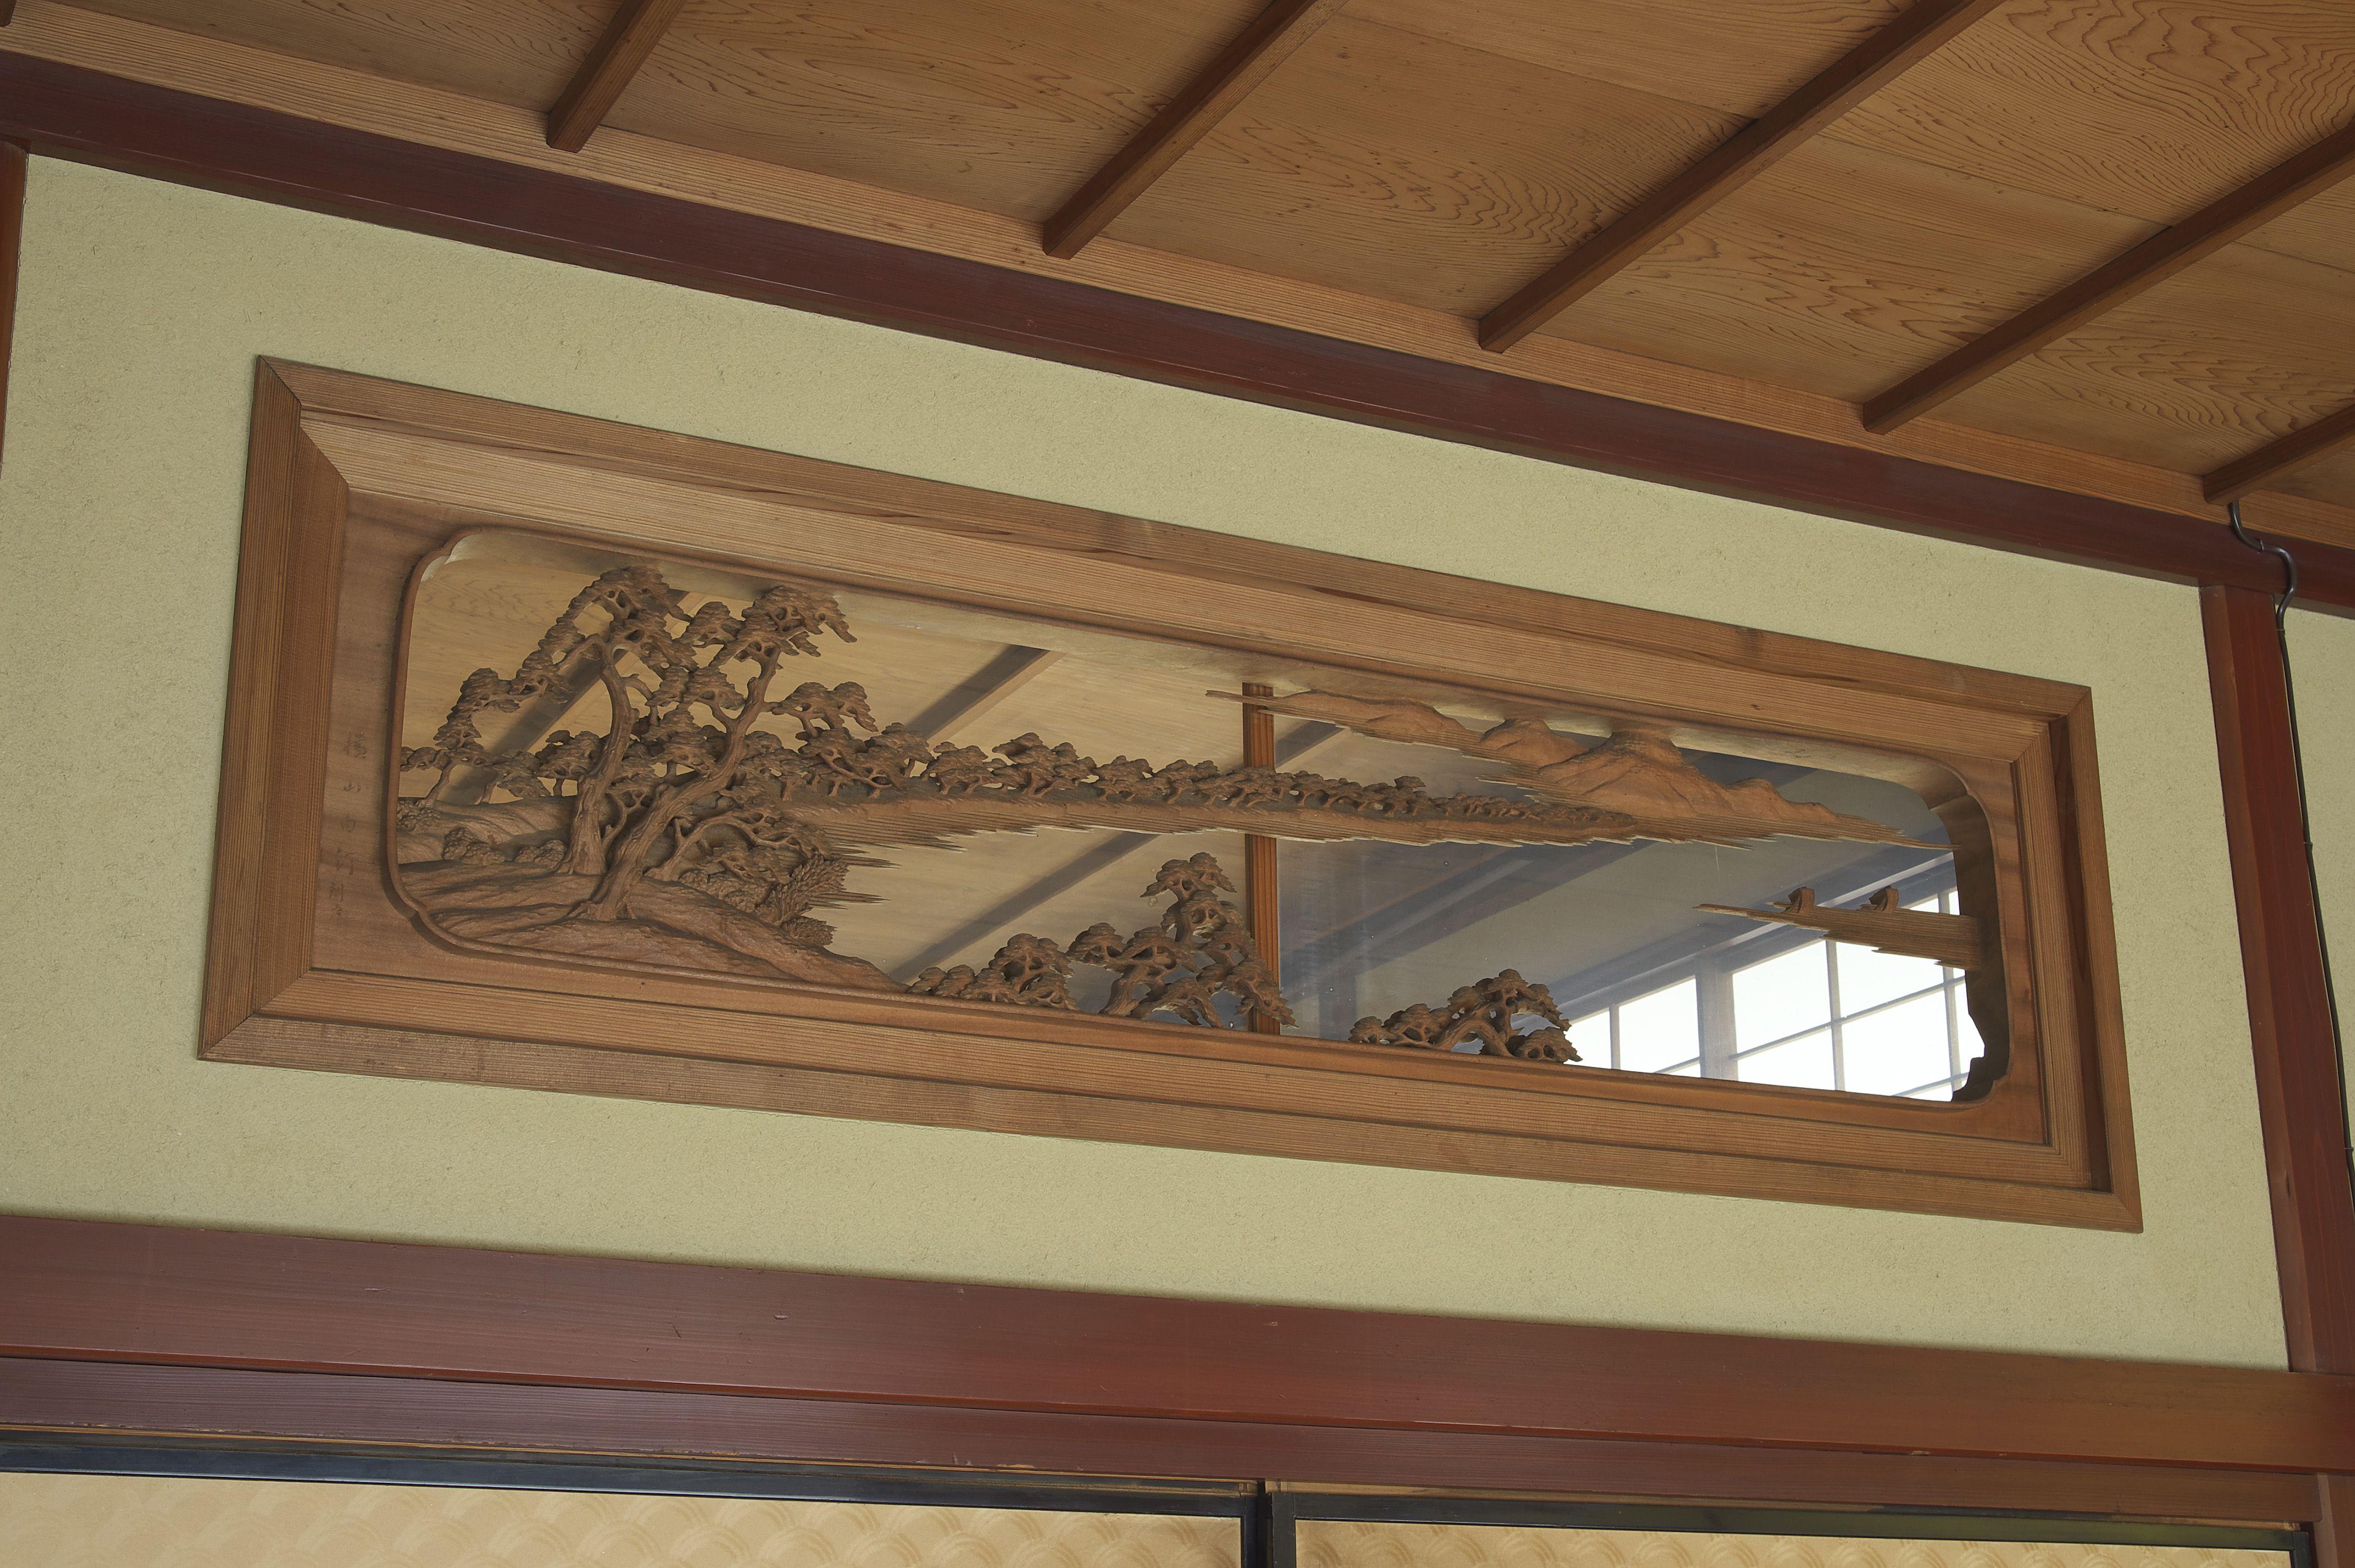 昭和初期 横山白汀による彫刻欄間 日本三景が彫られた3枚内おひとつ